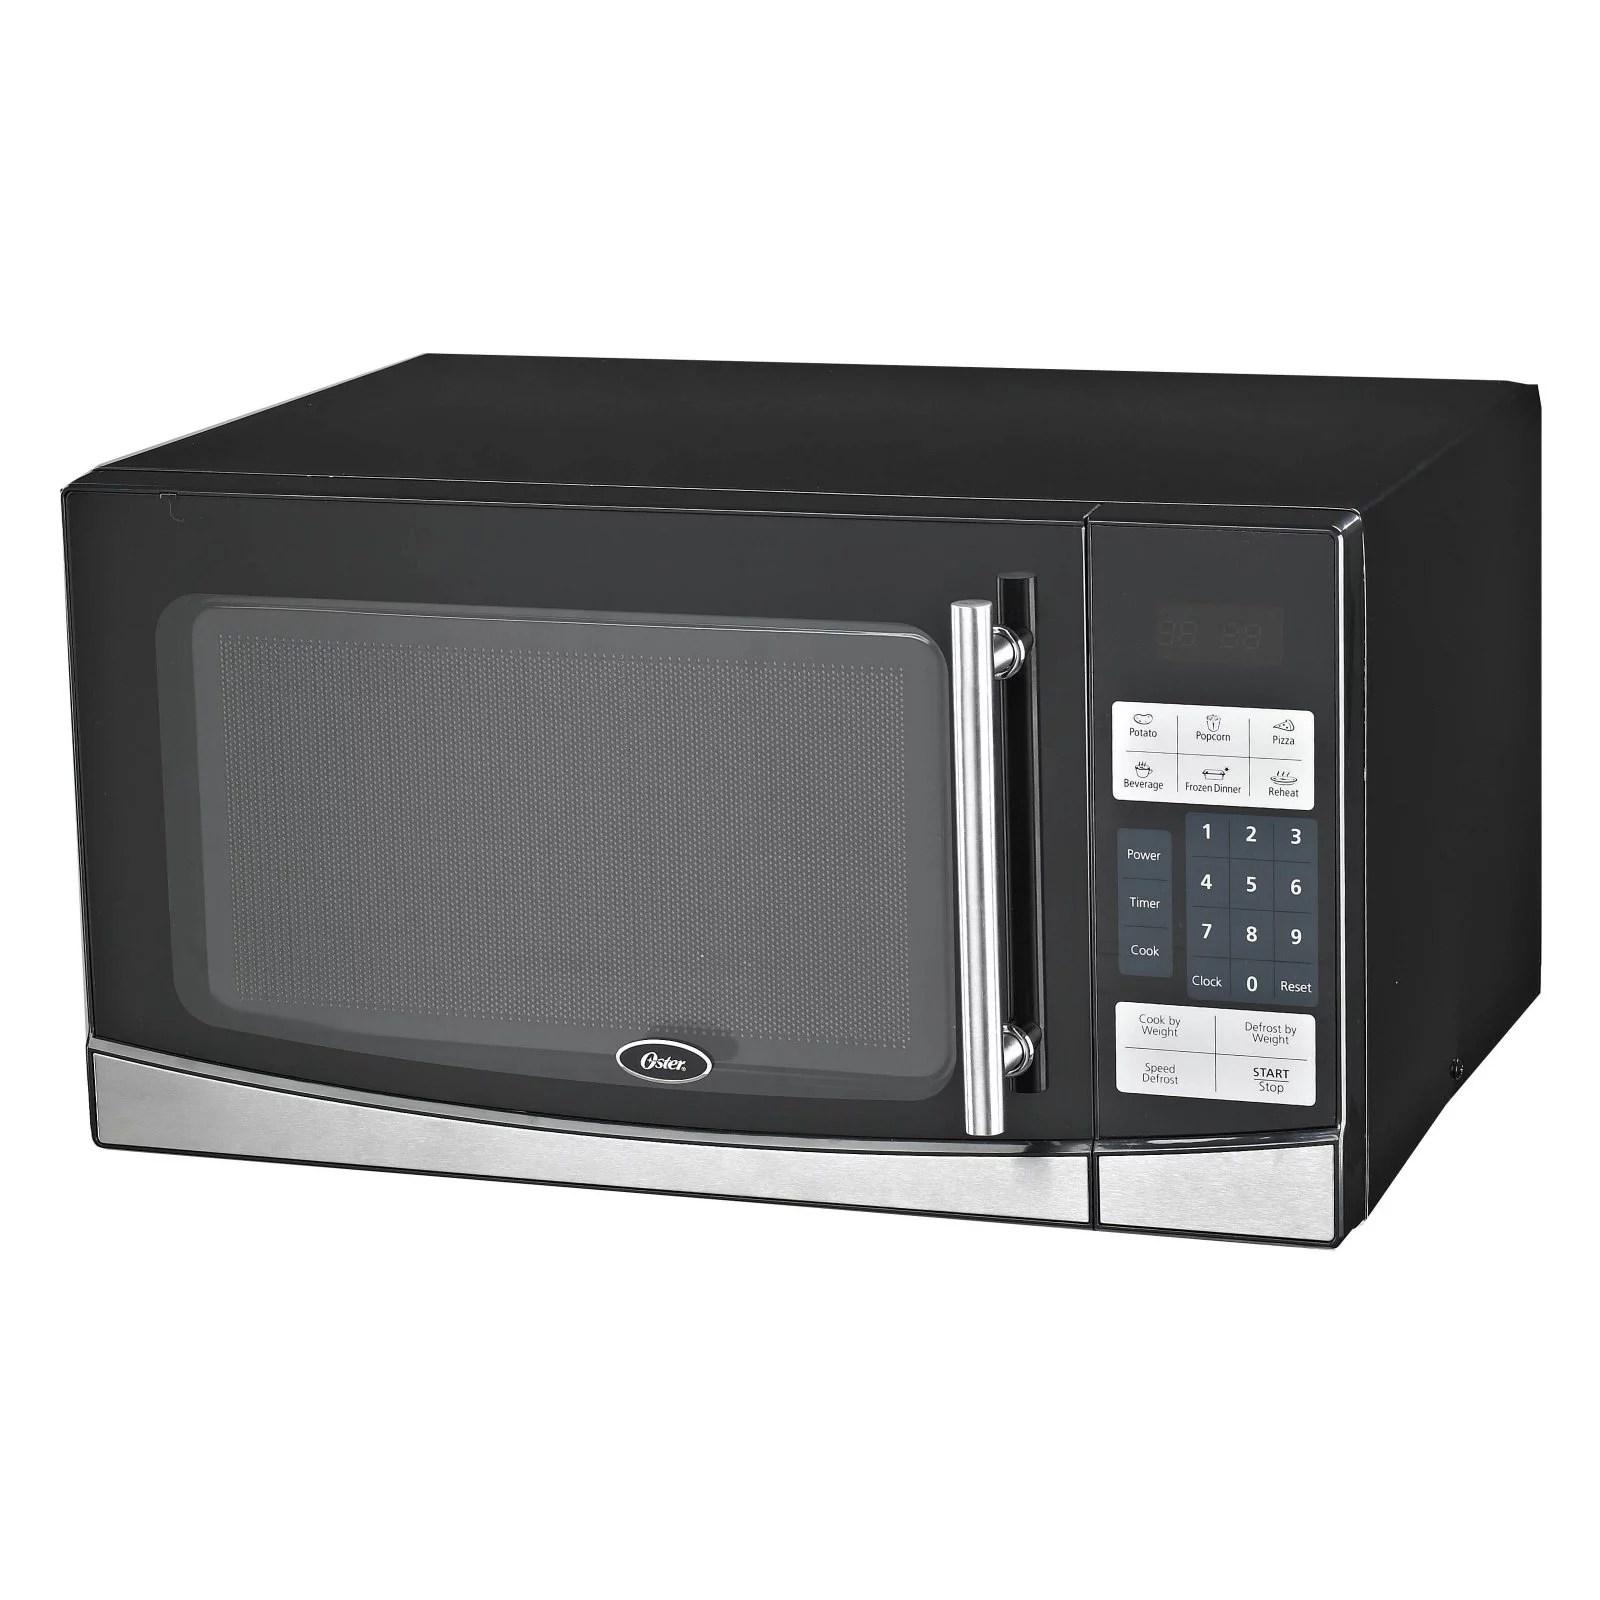 oster ogb61102 1 1 cu ft digital microwave oven black walmart com